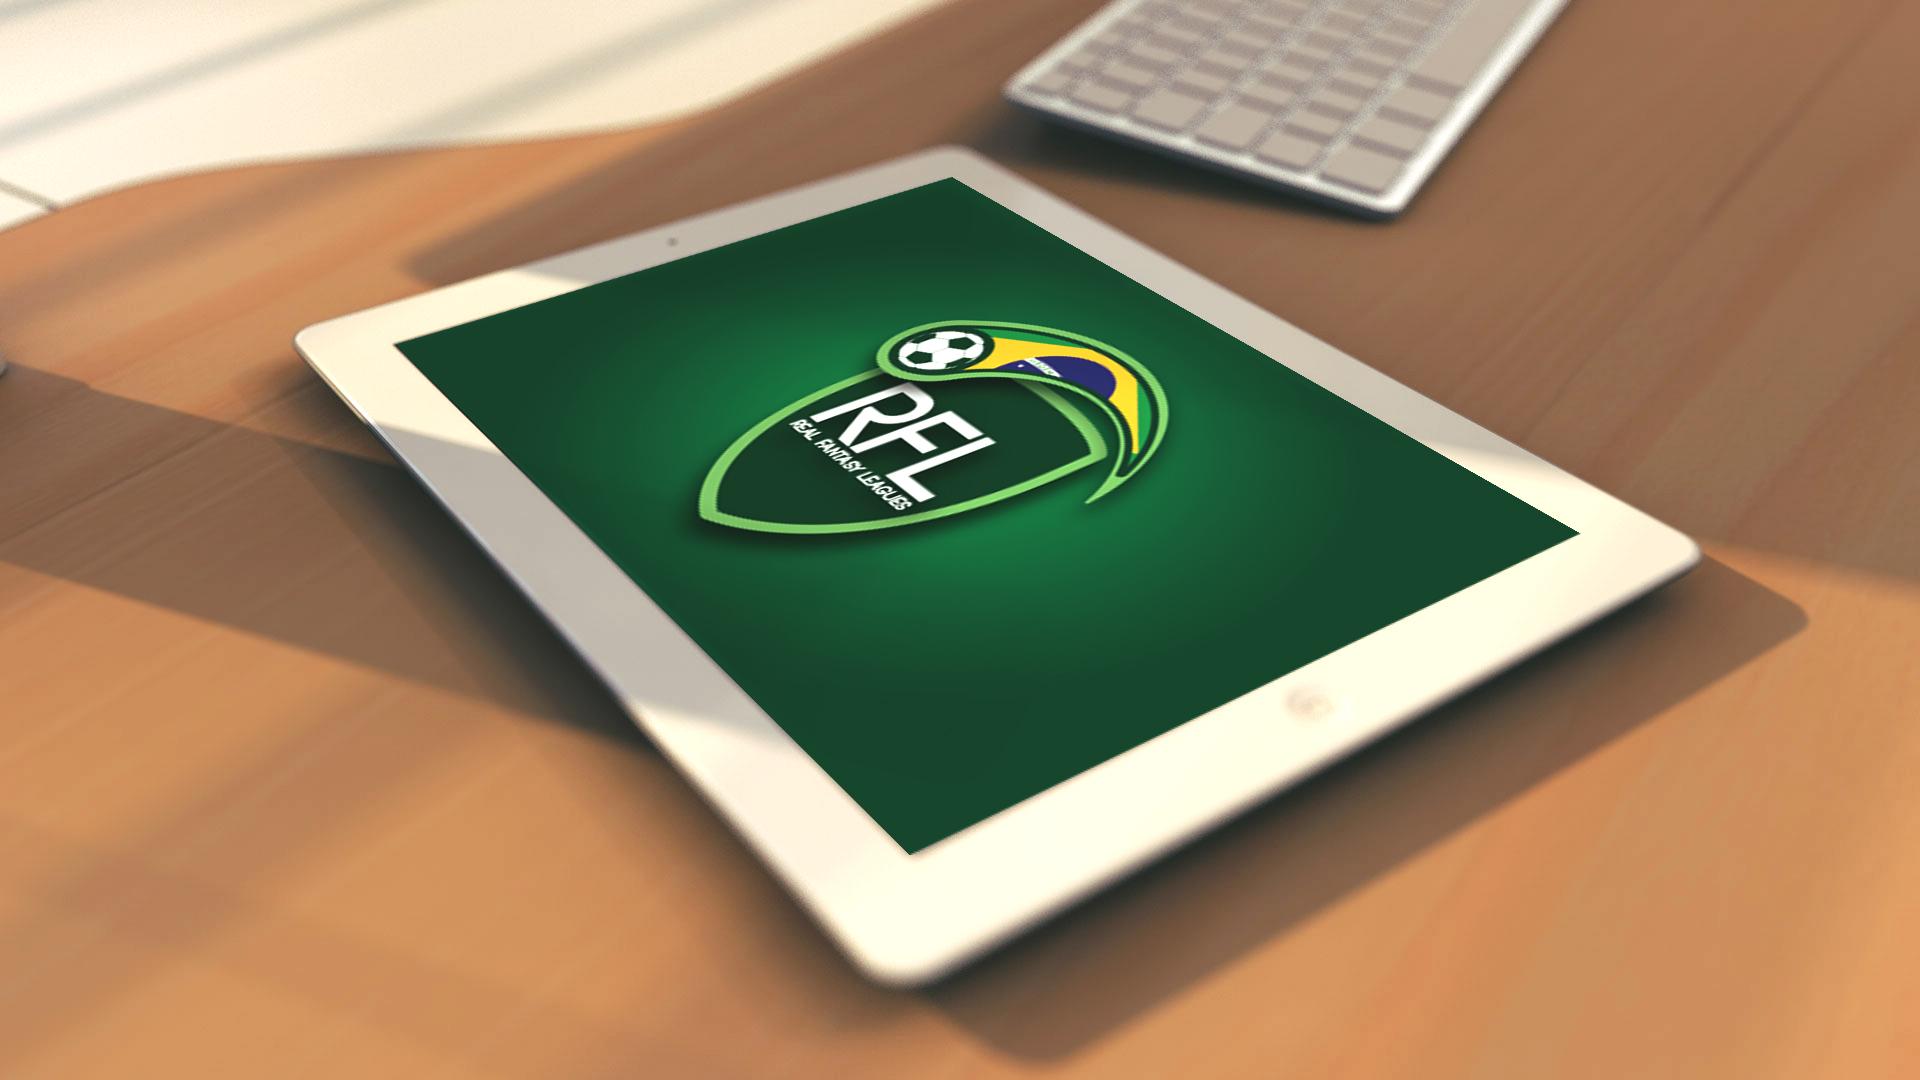 iPad RFL.jpg